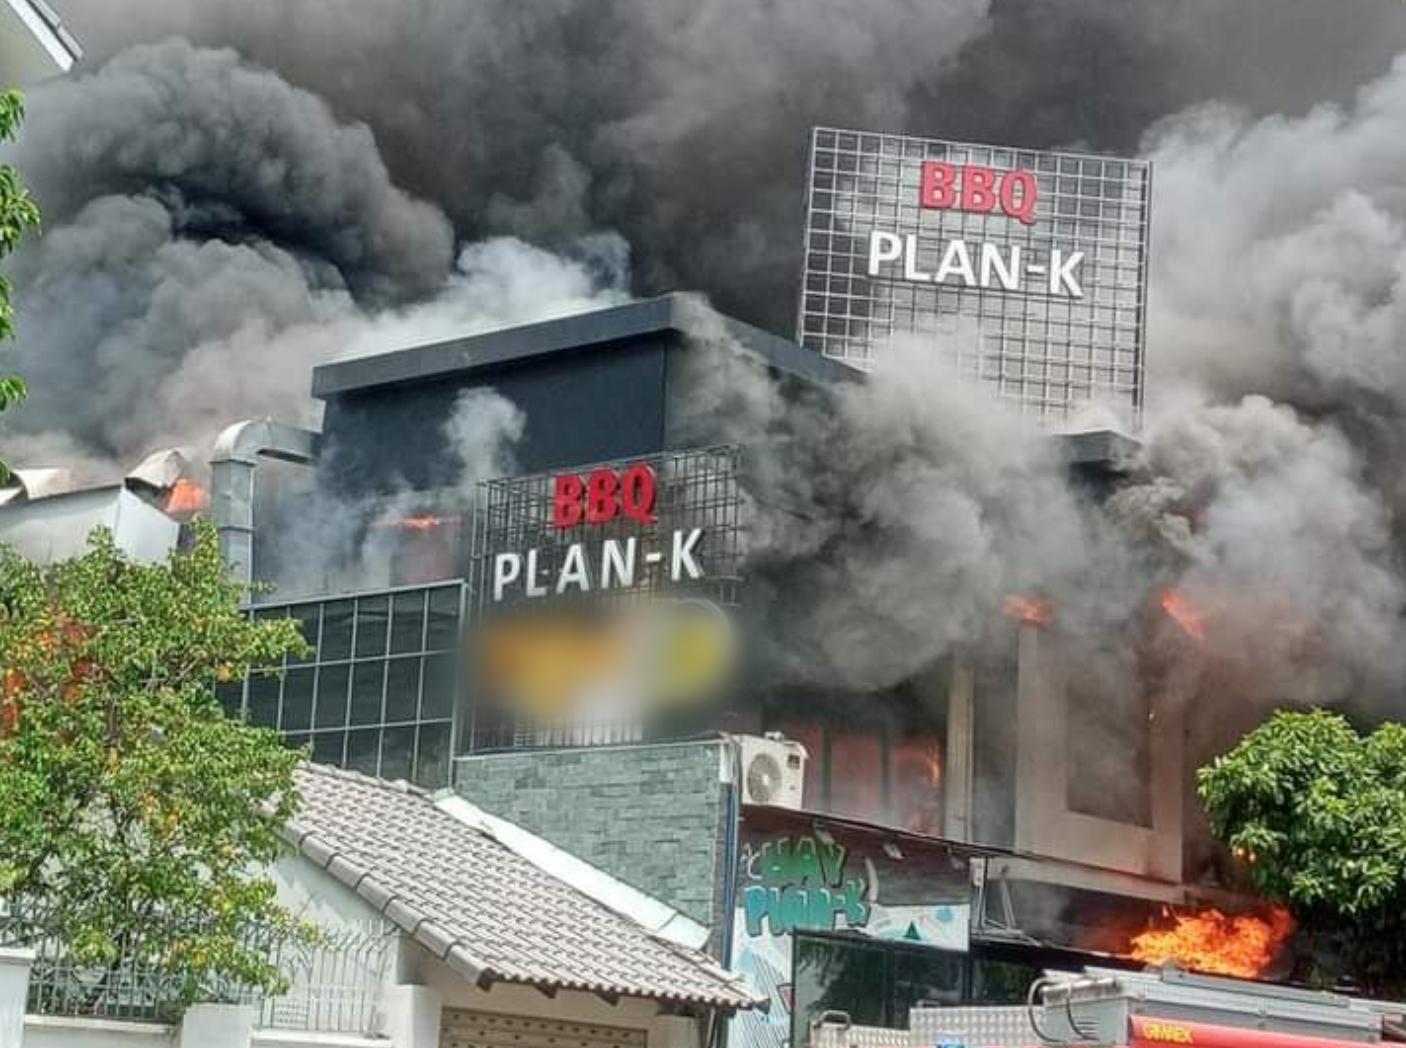 """TP.HCM: Nhà hàng BBQ """"khu nhà giàu"""" Thảo Điền bốc cháy dữ dội, nhân viên và thực khách hoảng loạn bỏ chạy - Ảnh 1."""